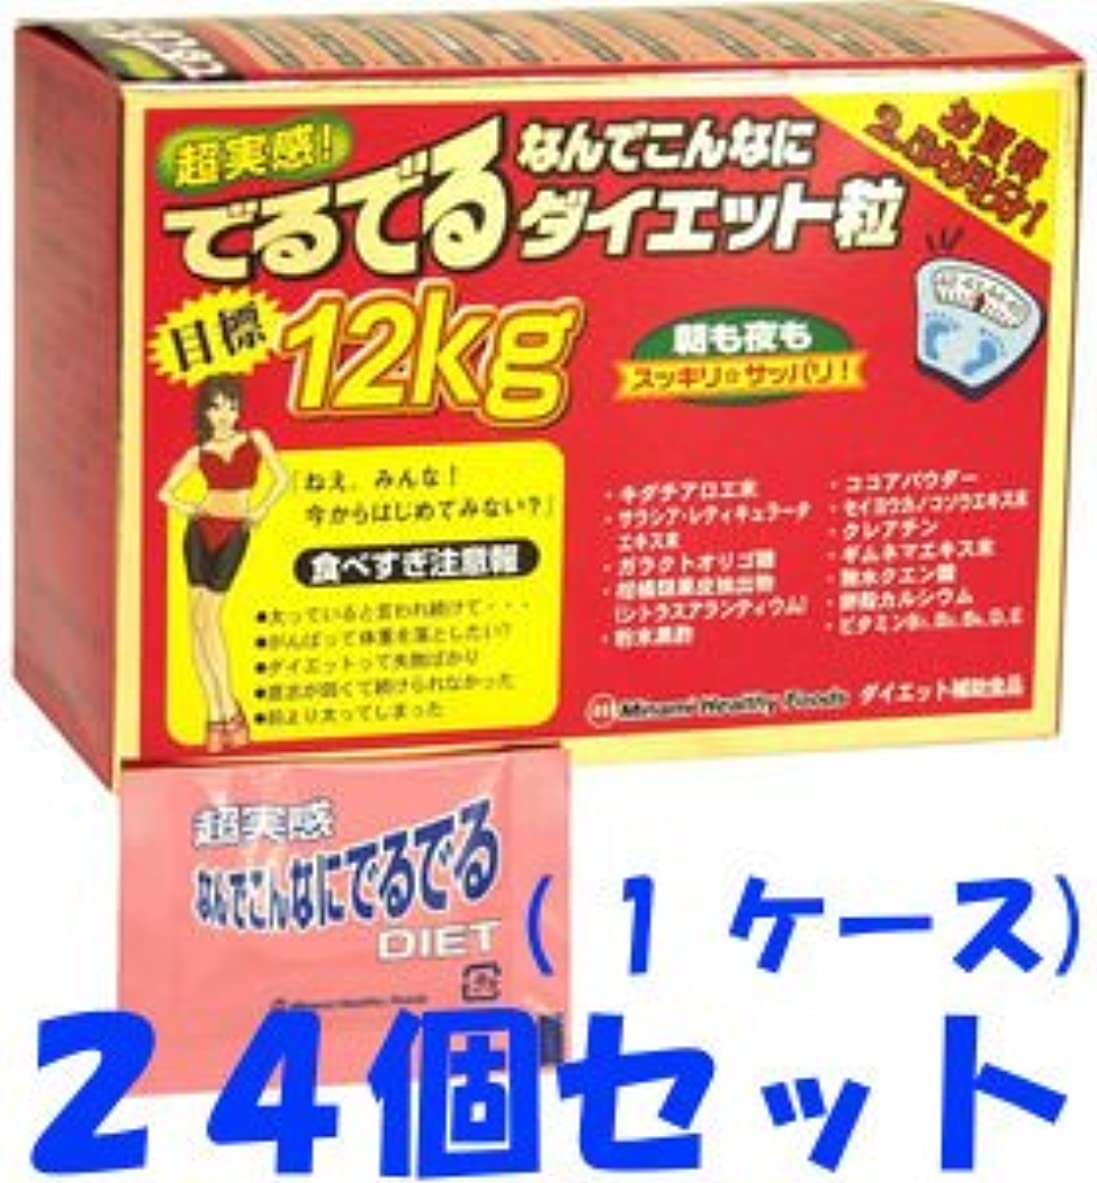 不快ふくろうダイヤル【1ケース(24個)セット】超実感なんでこんなにでるでるダイエット粒 75袋